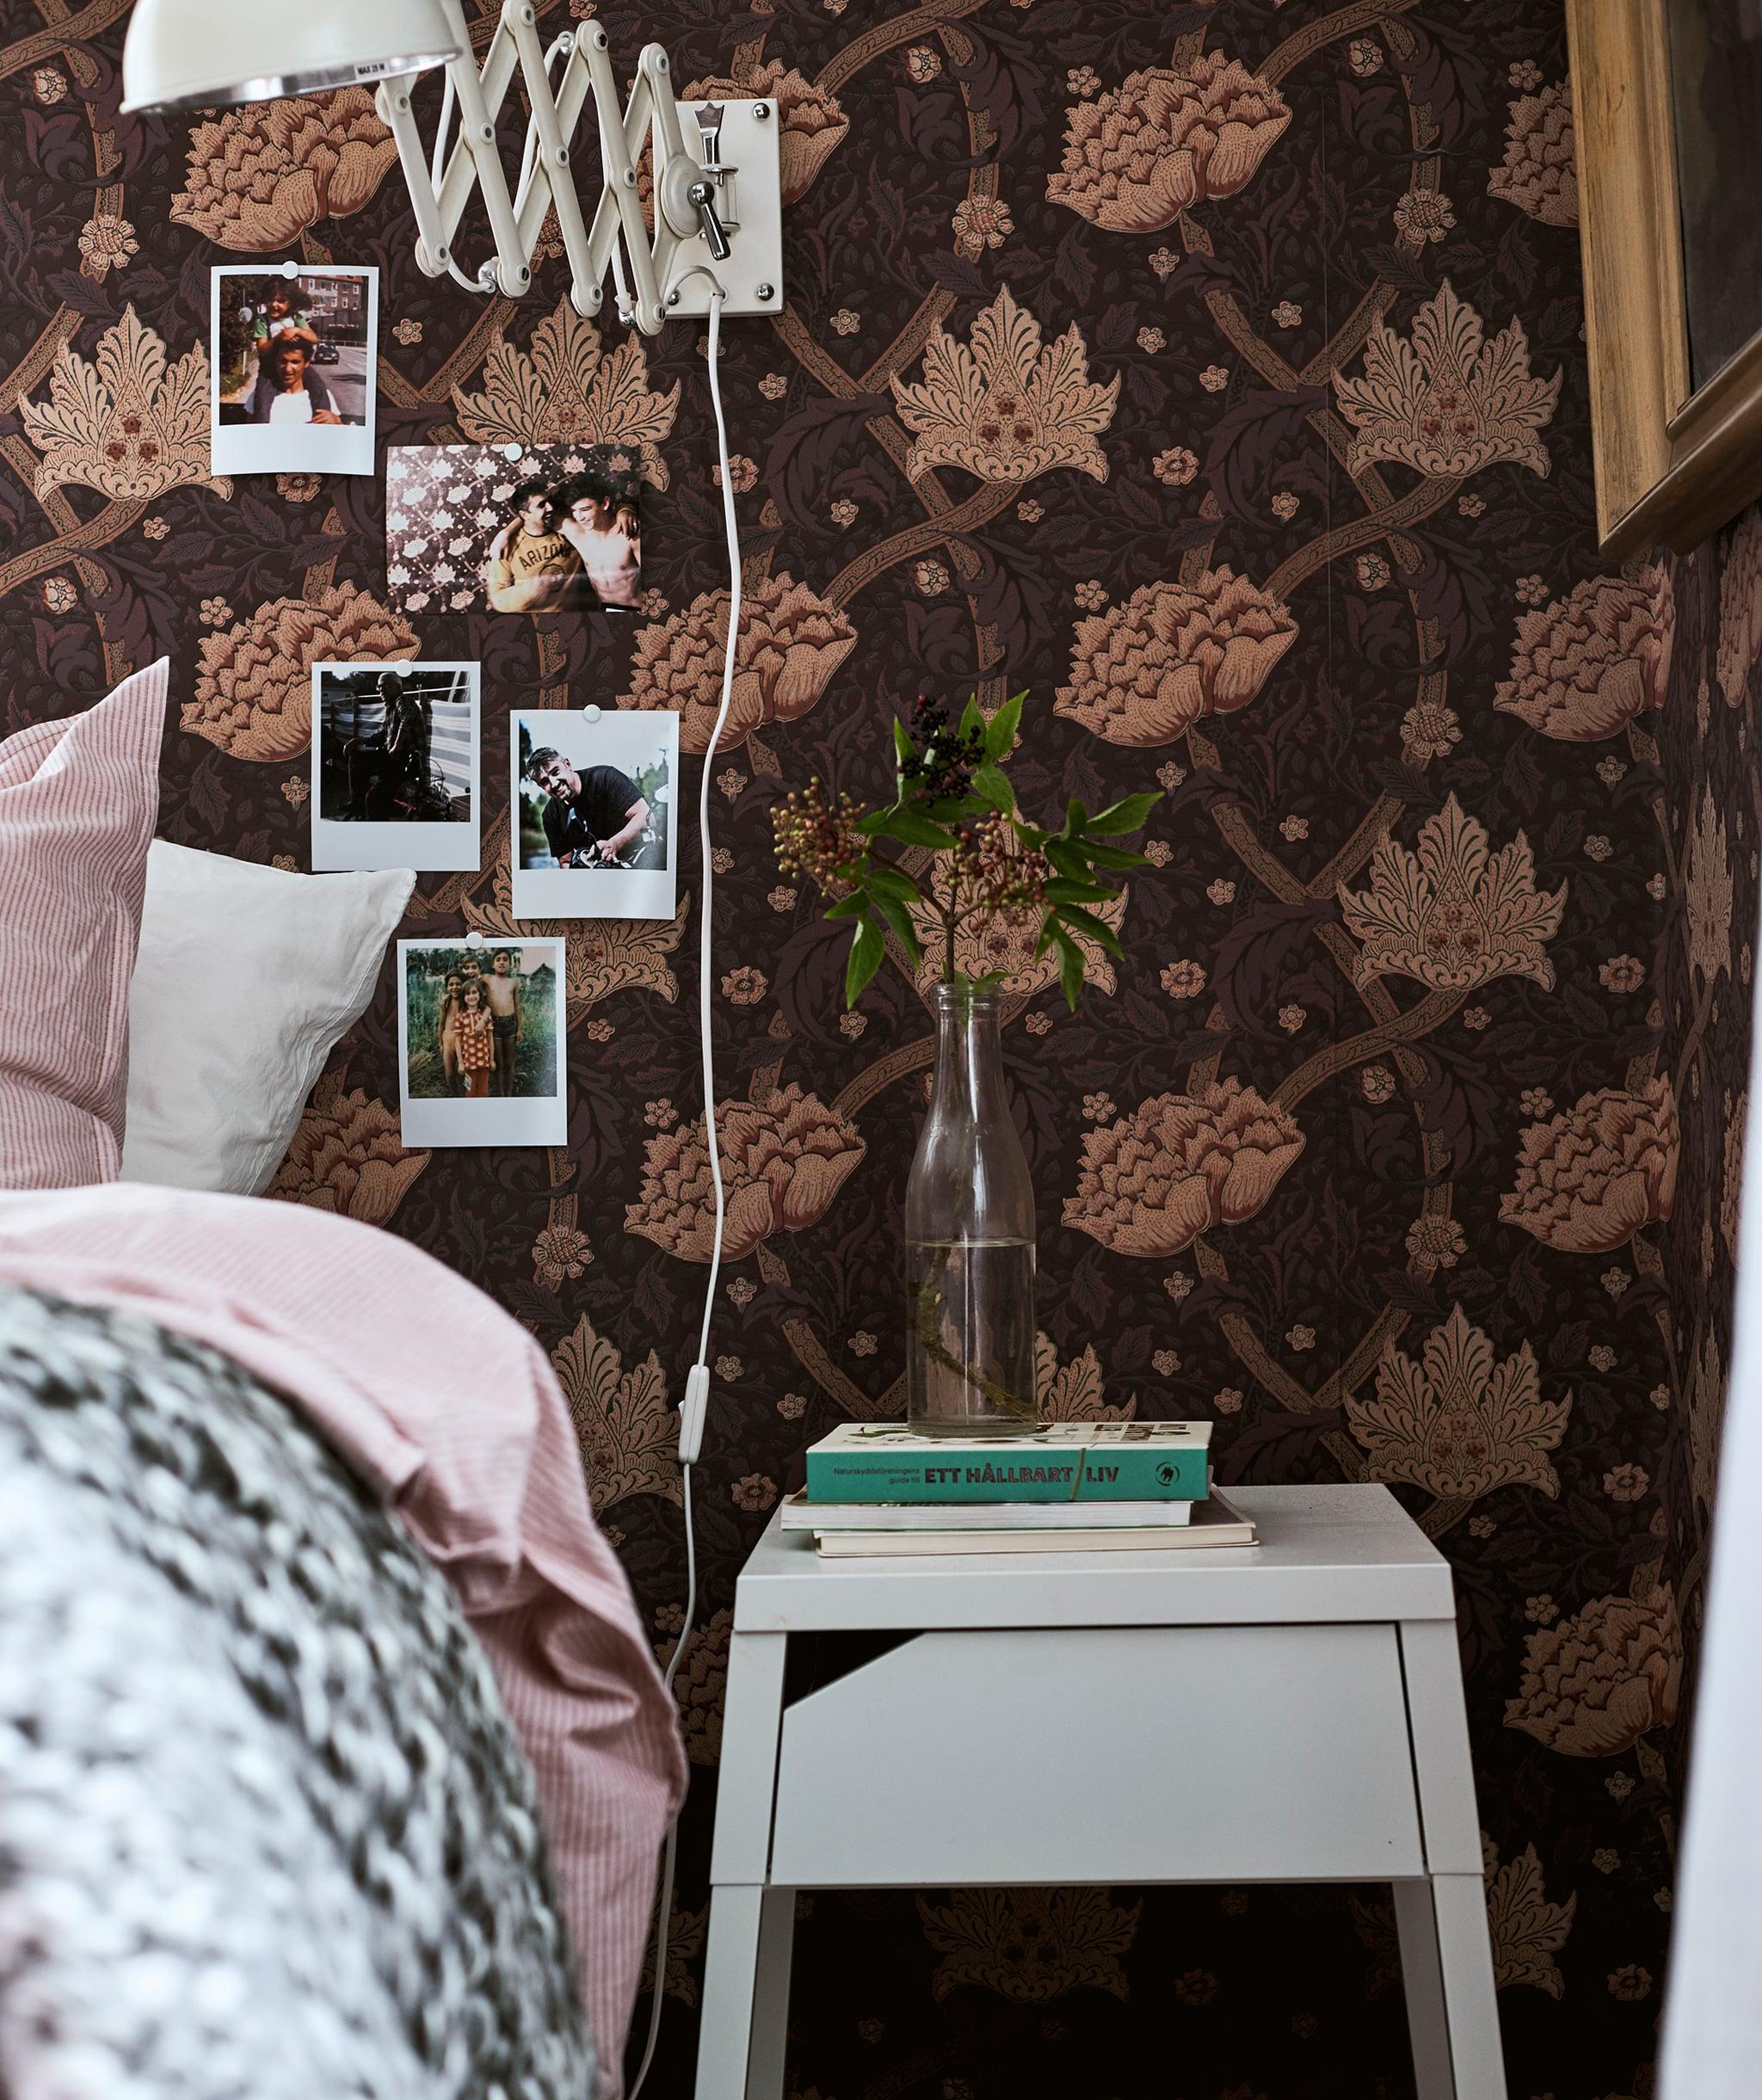 Tempat tidur dengan seprai merah muda di sebelah meja samping tempat tidur berwarna putih dengan buku-buku dan sebuah batang di dalam vas, foto-foto polaroids terpasang di dinding kertas.